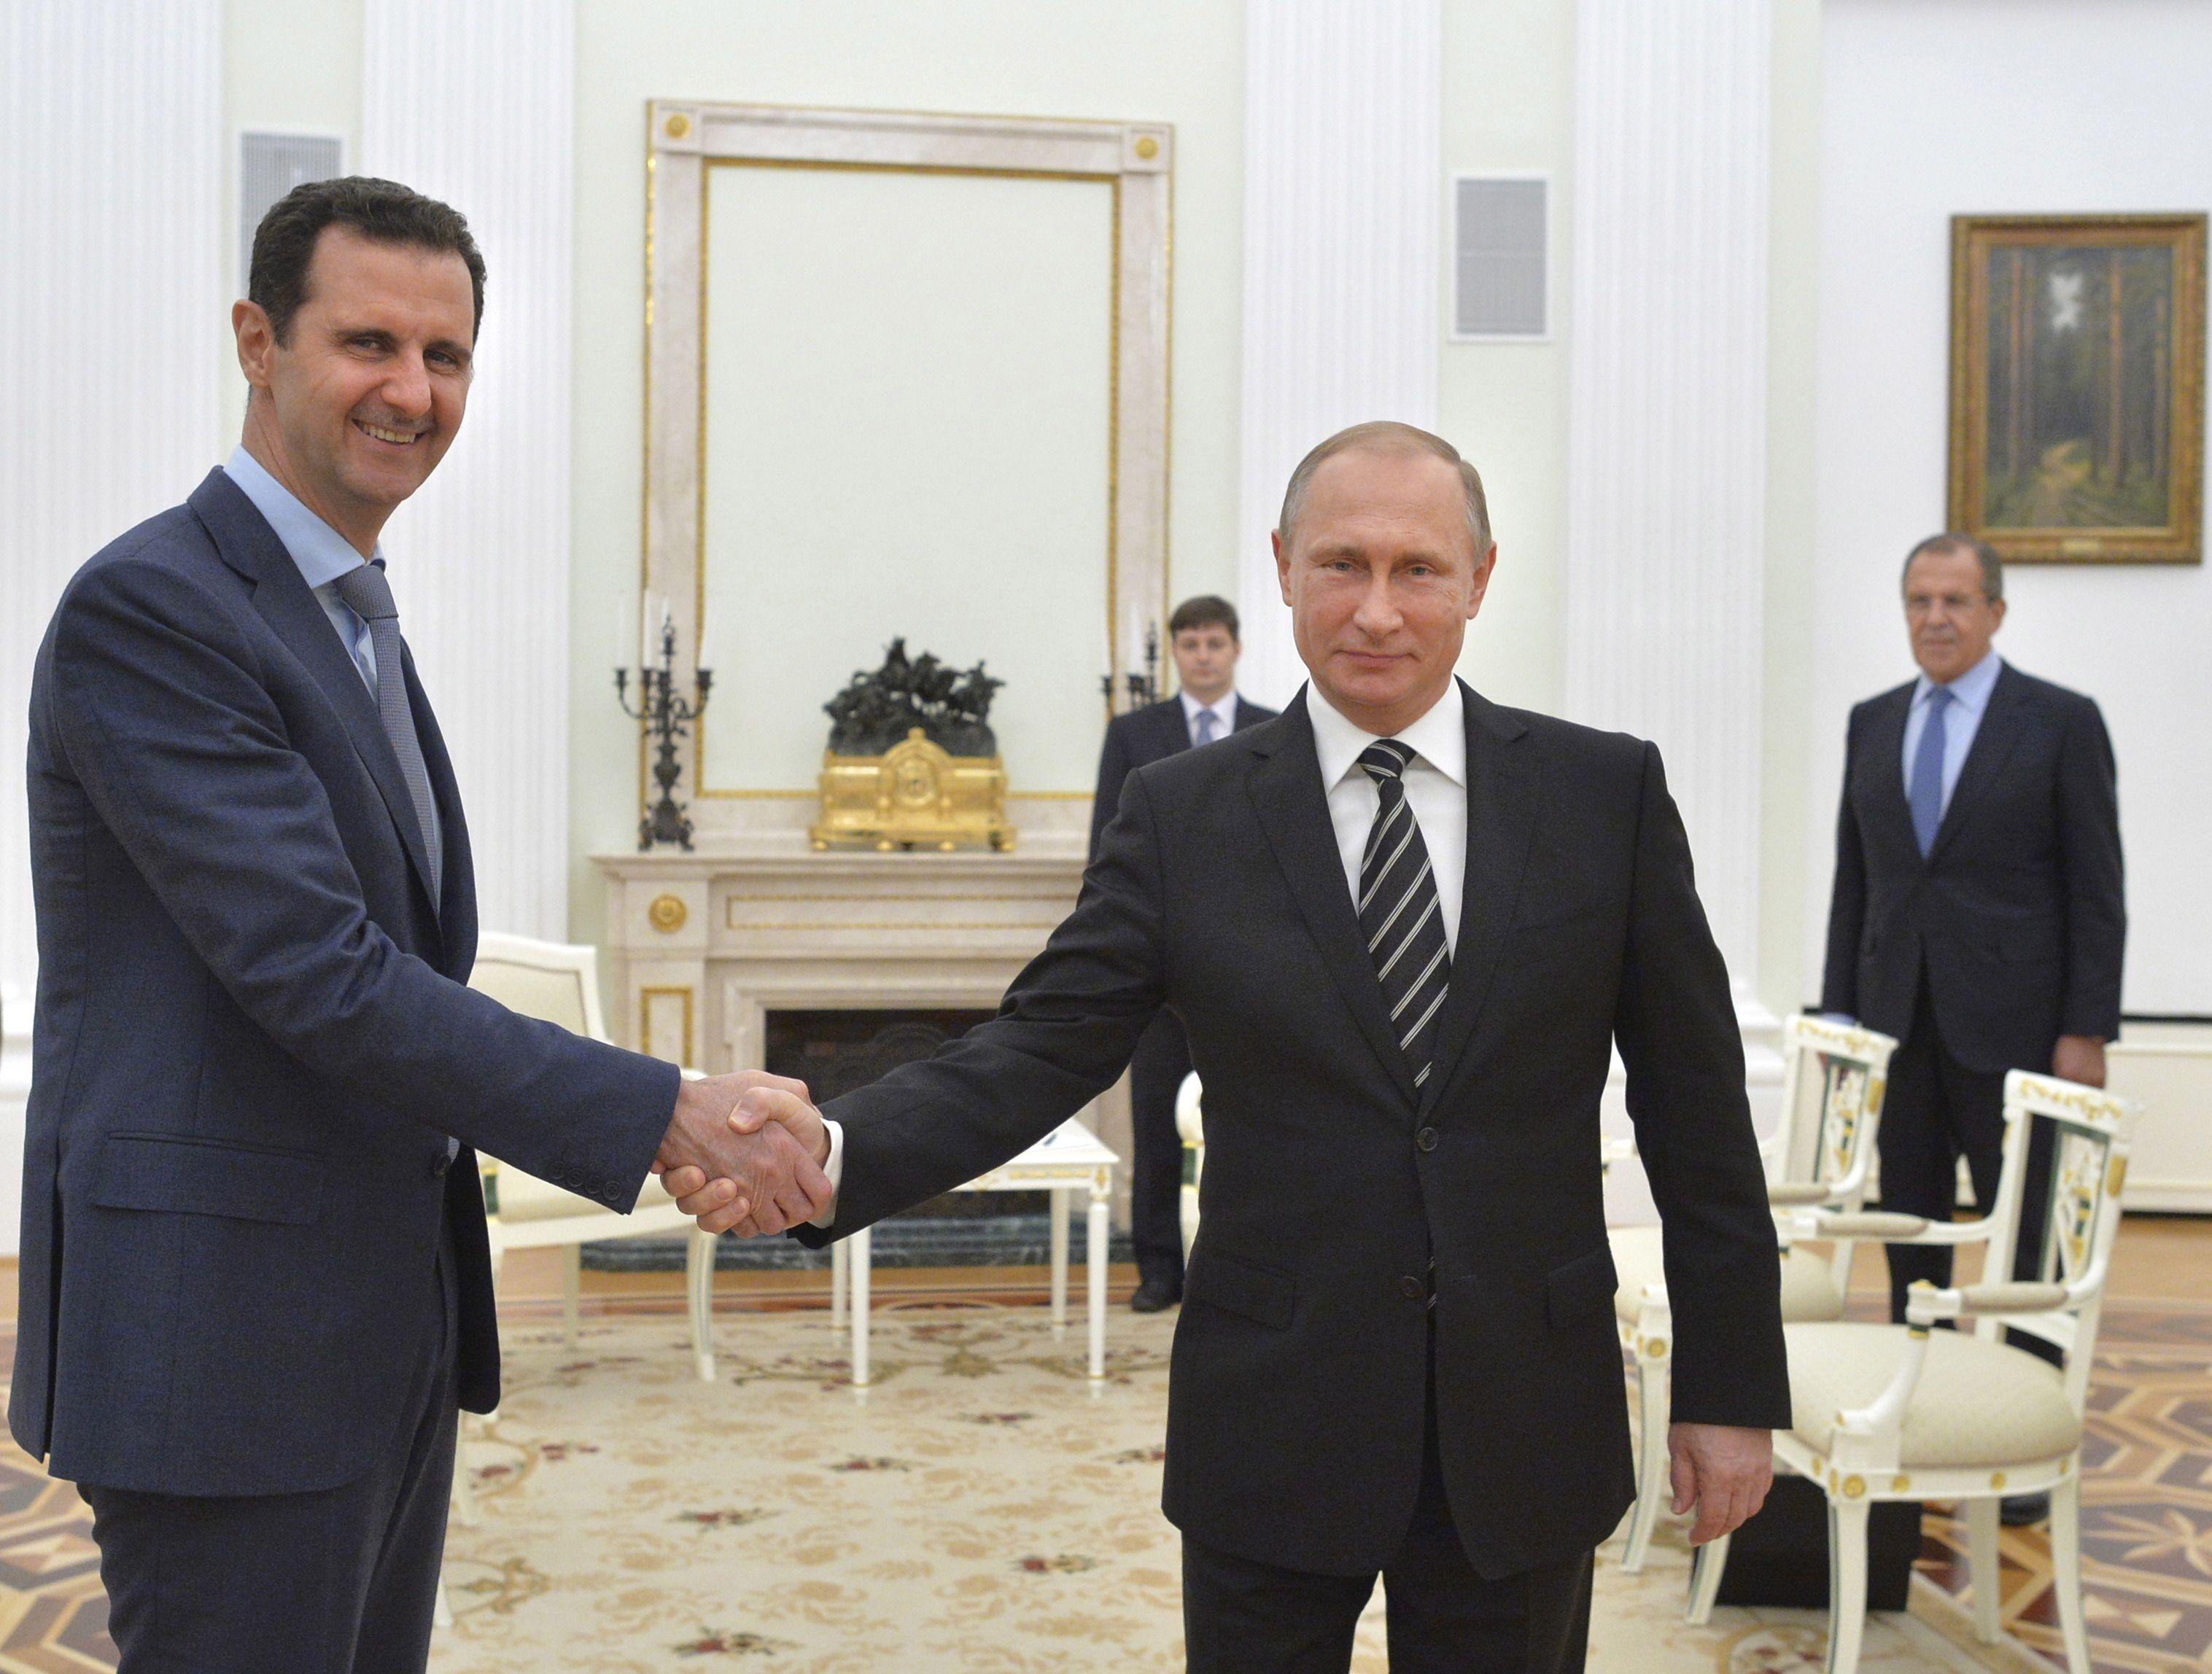 Syrie : un cessez-le-feu, mais quel cessez-le-feu ? Au contraire, le risque d'escalade n'a jamais été aussi grand